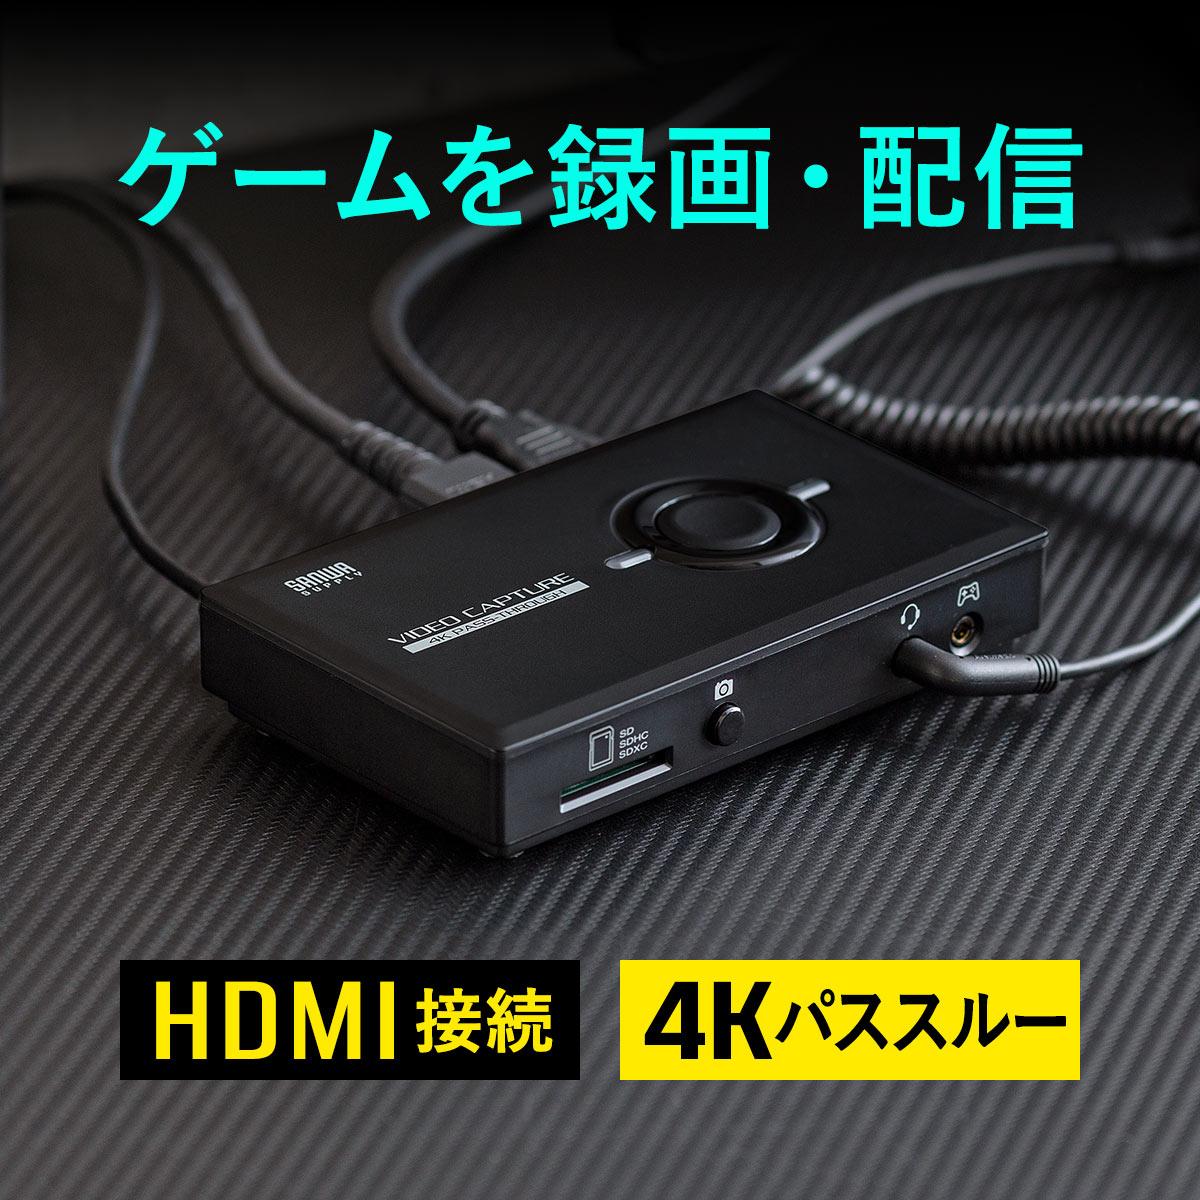 ゲームキャプチャー HDMIキャプチャー キャプチャーボード オンラインゲーム 録画 ゲーム配信 ライフ配信 4K対応 パススルー